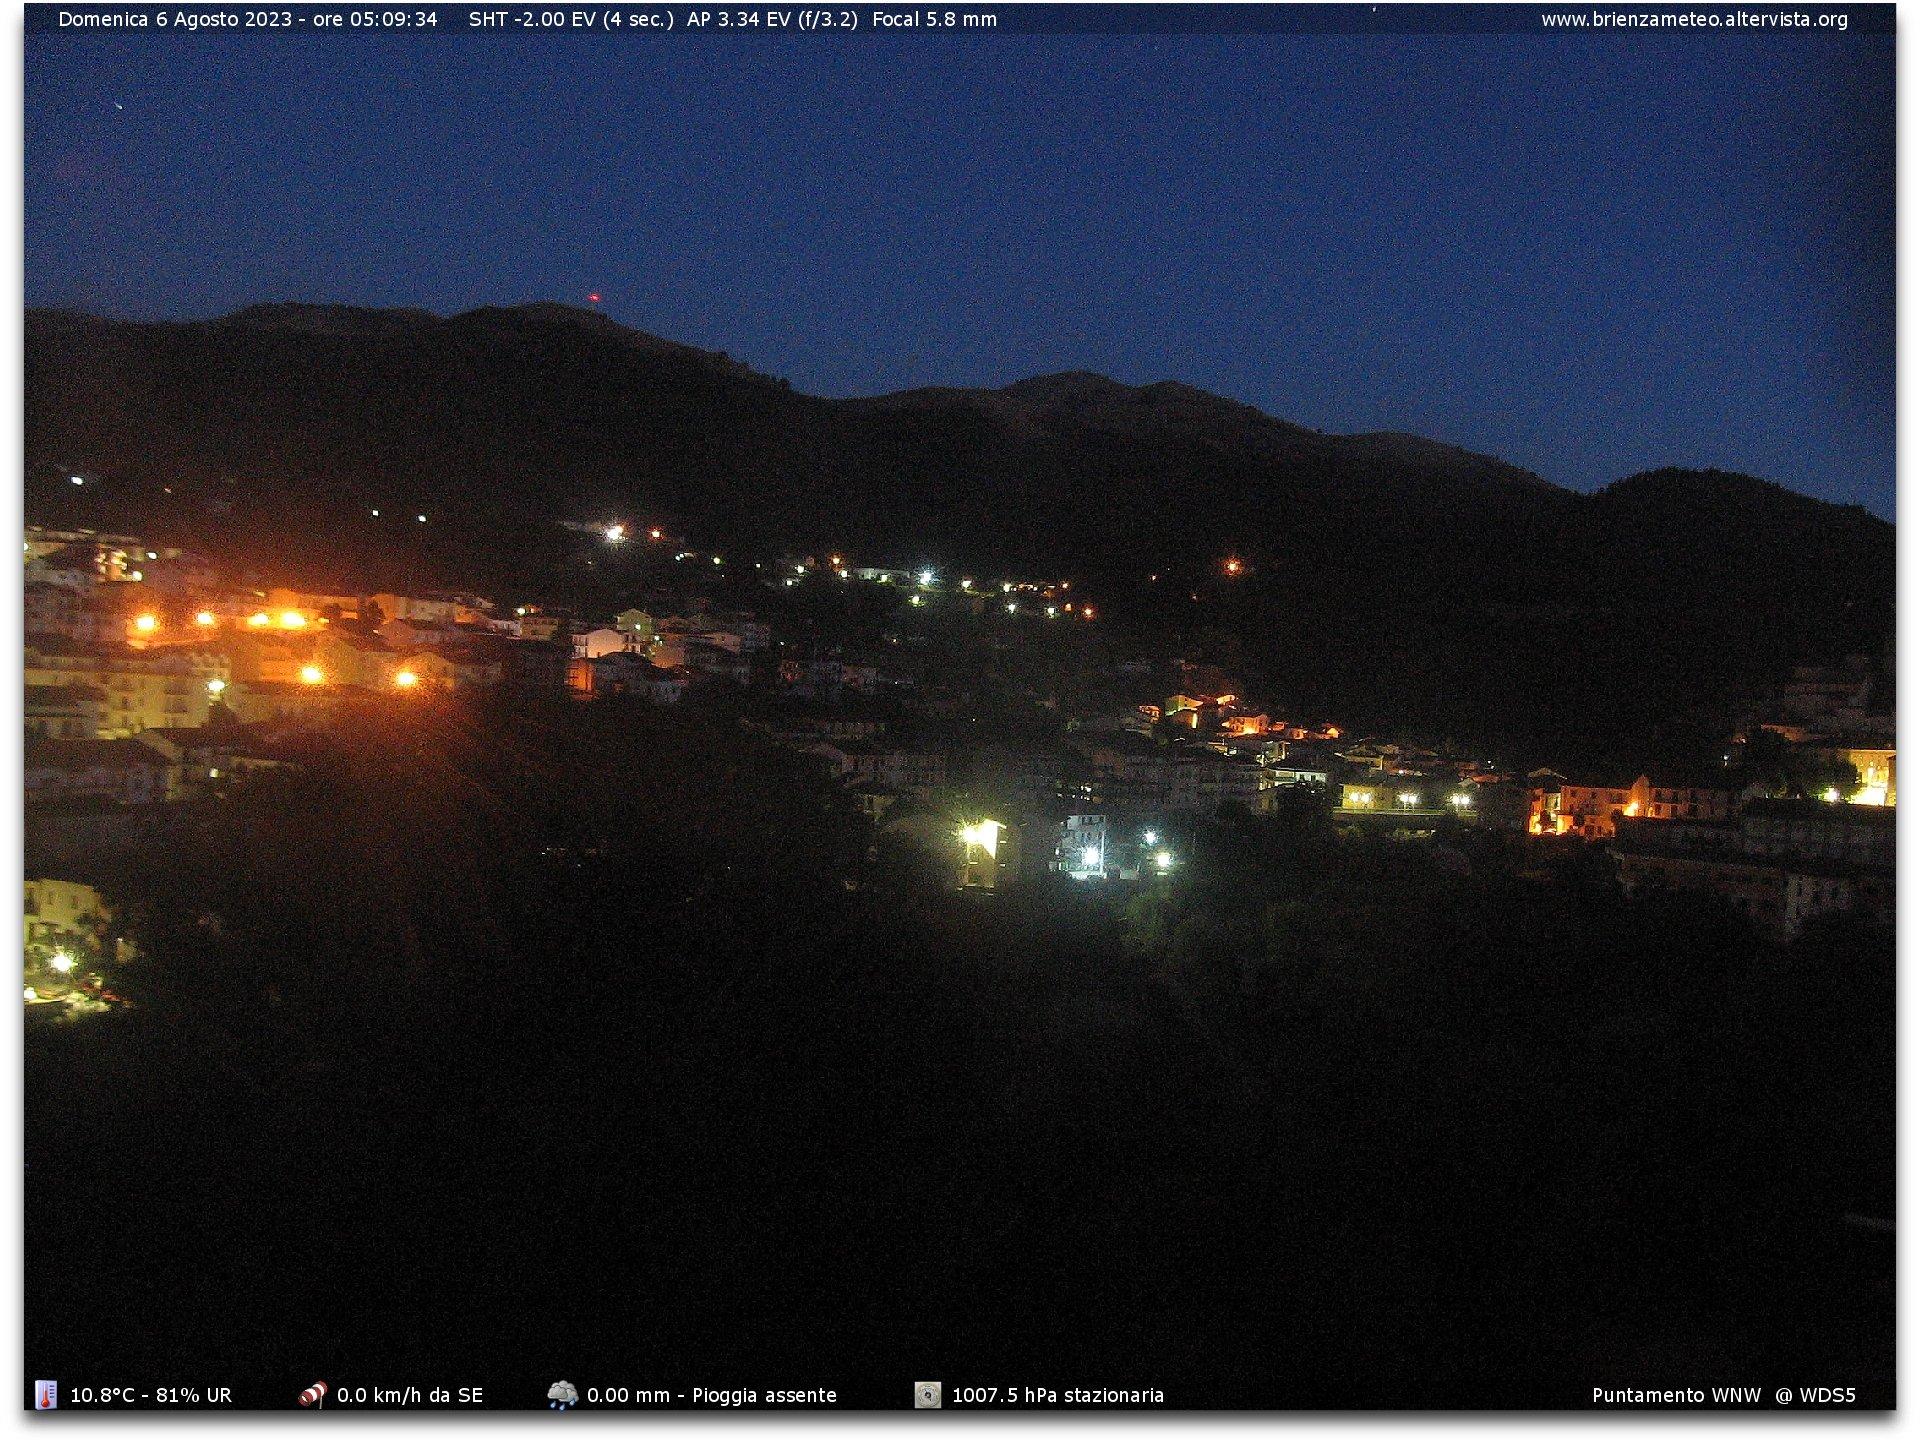 Webcam in diretta da Brienza (PZ)